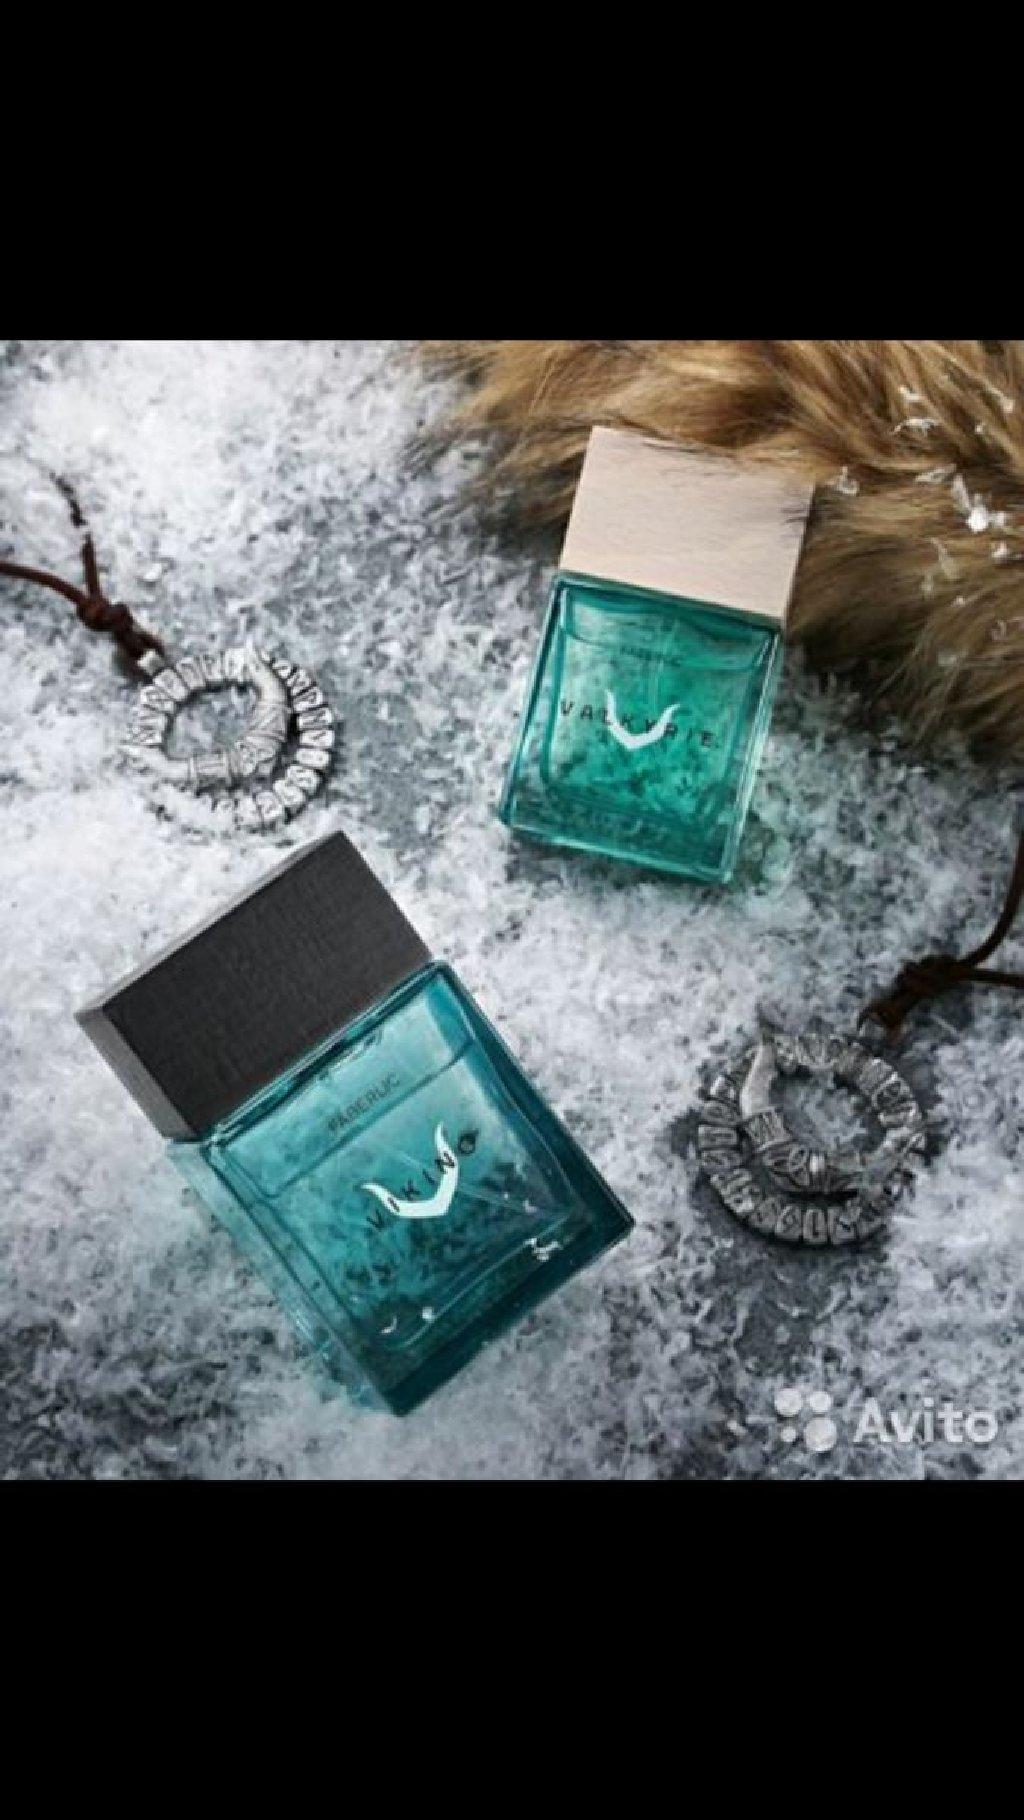 Новый парфюм от фаберлик Викинг и Валкирия запах бомбический для него и для нее